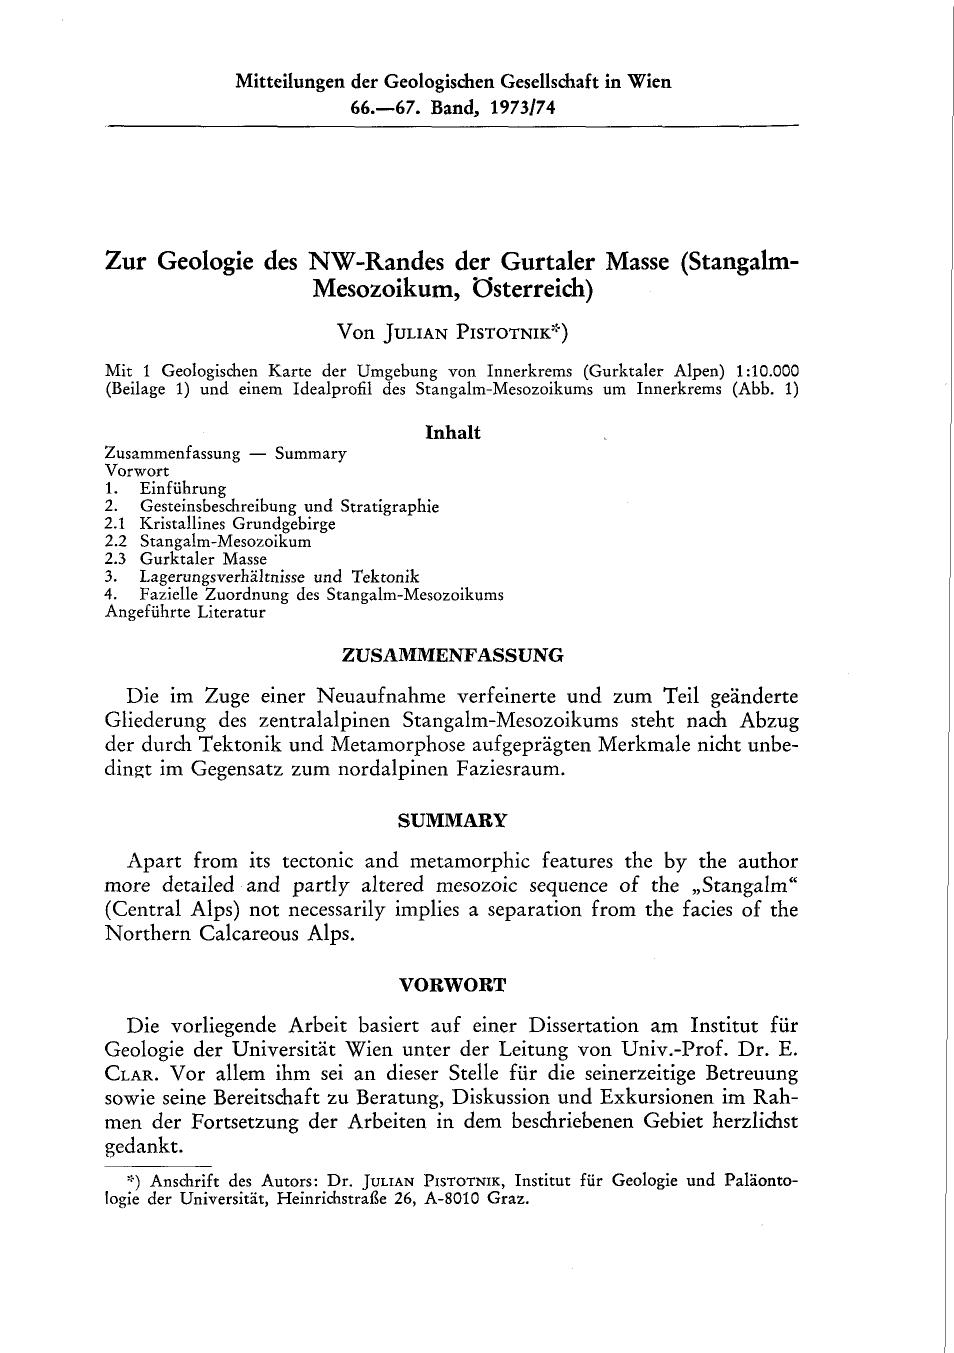 Stangalm- Mesozoikum, Österreich